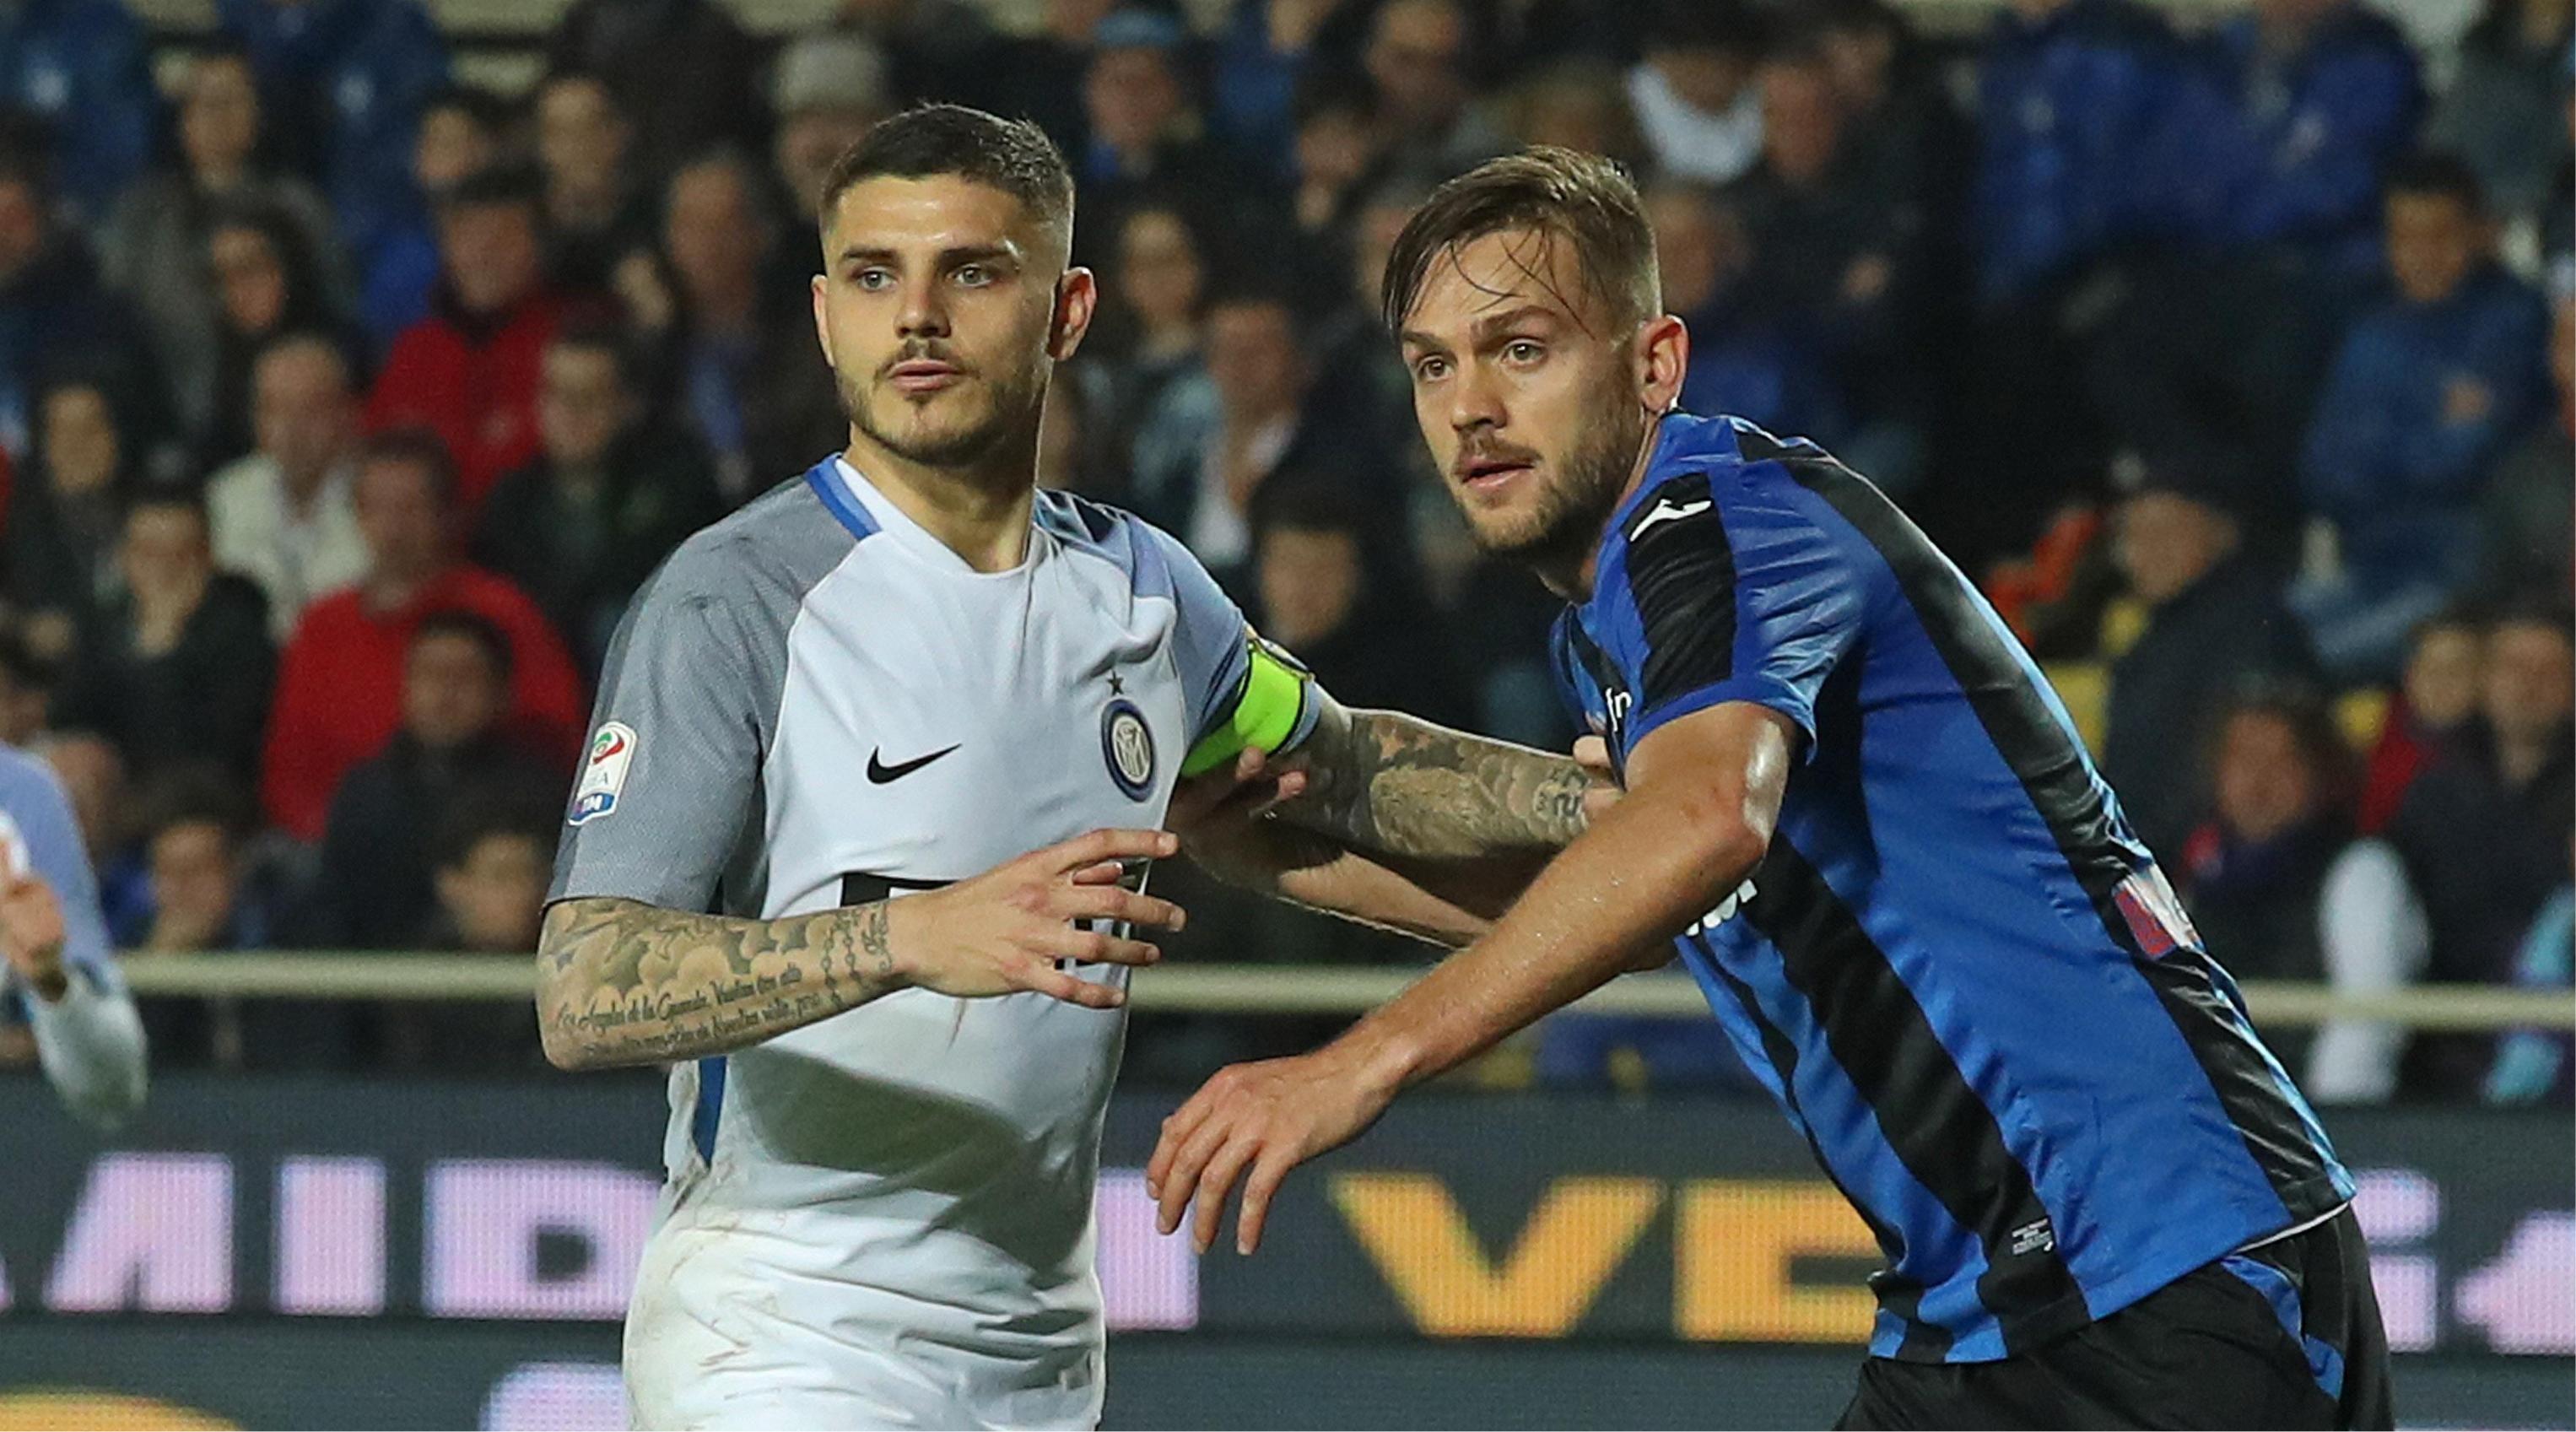 Diritti Tv Serie A 2018 - 2021, MediaPro sorpresa e preoccupata ma pronta a garanzie